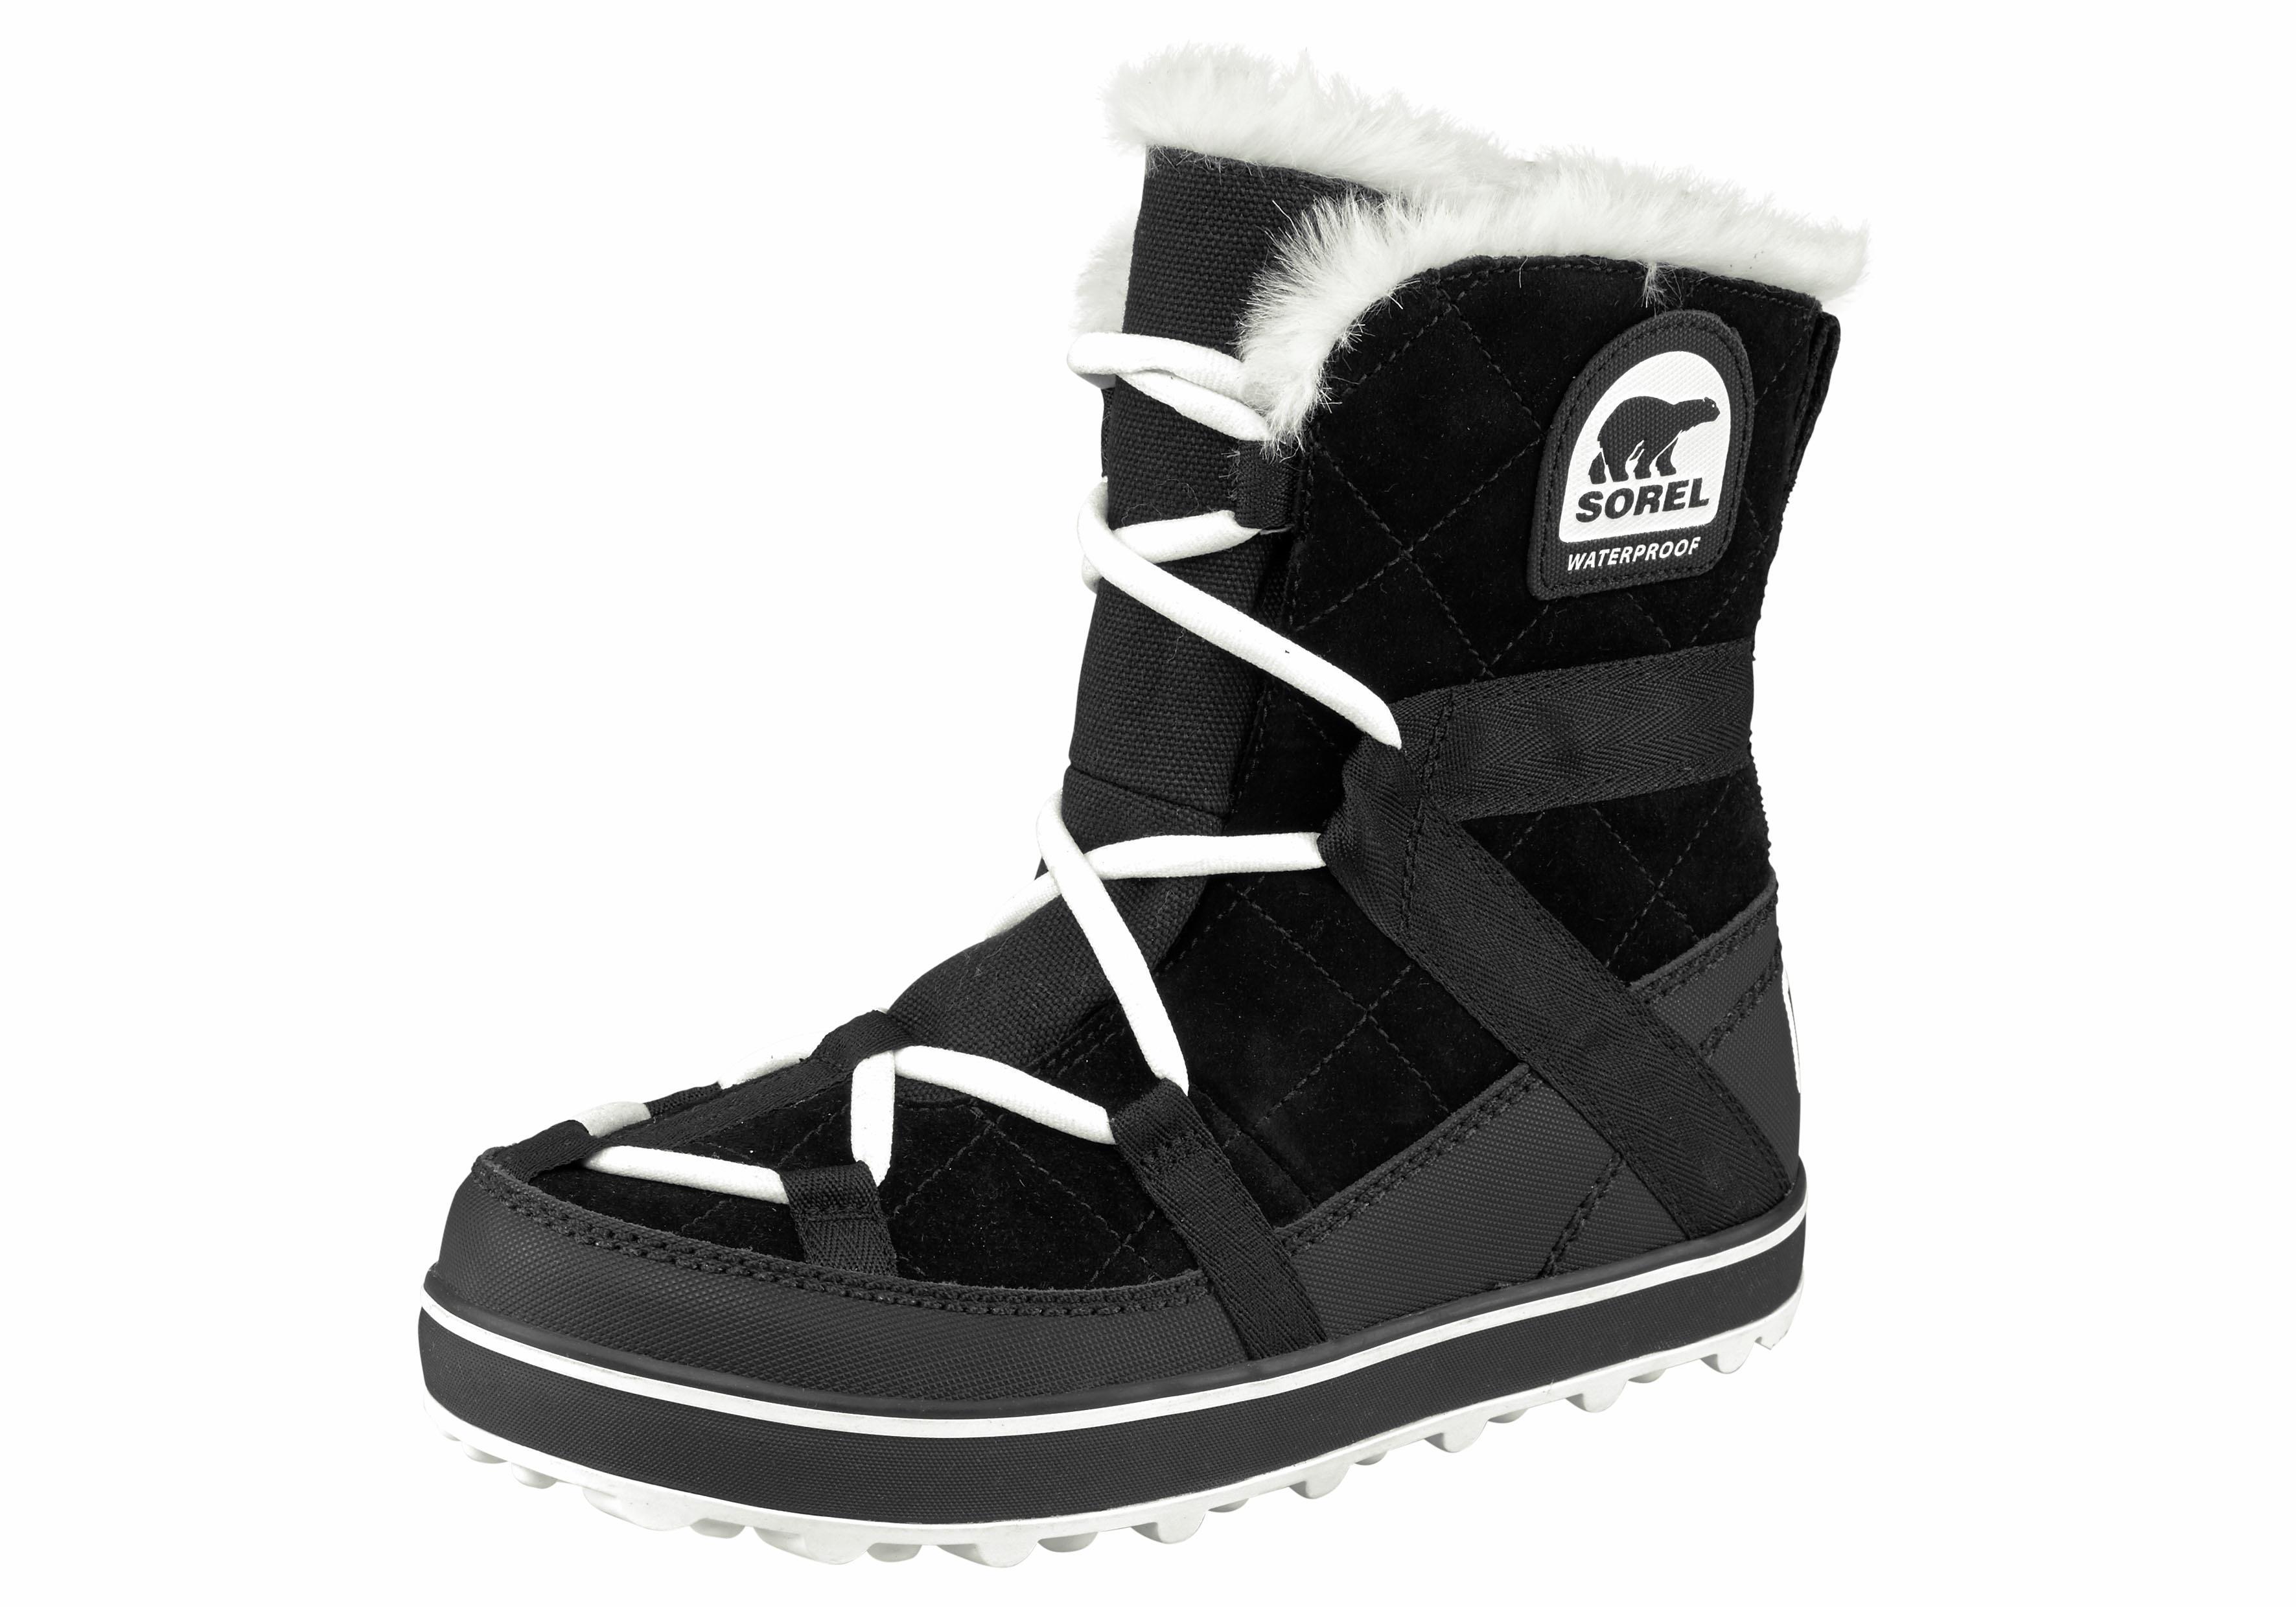 Sorel Outdoorwinterstiefel Glacy Explorer Shortie günstig online kaufen